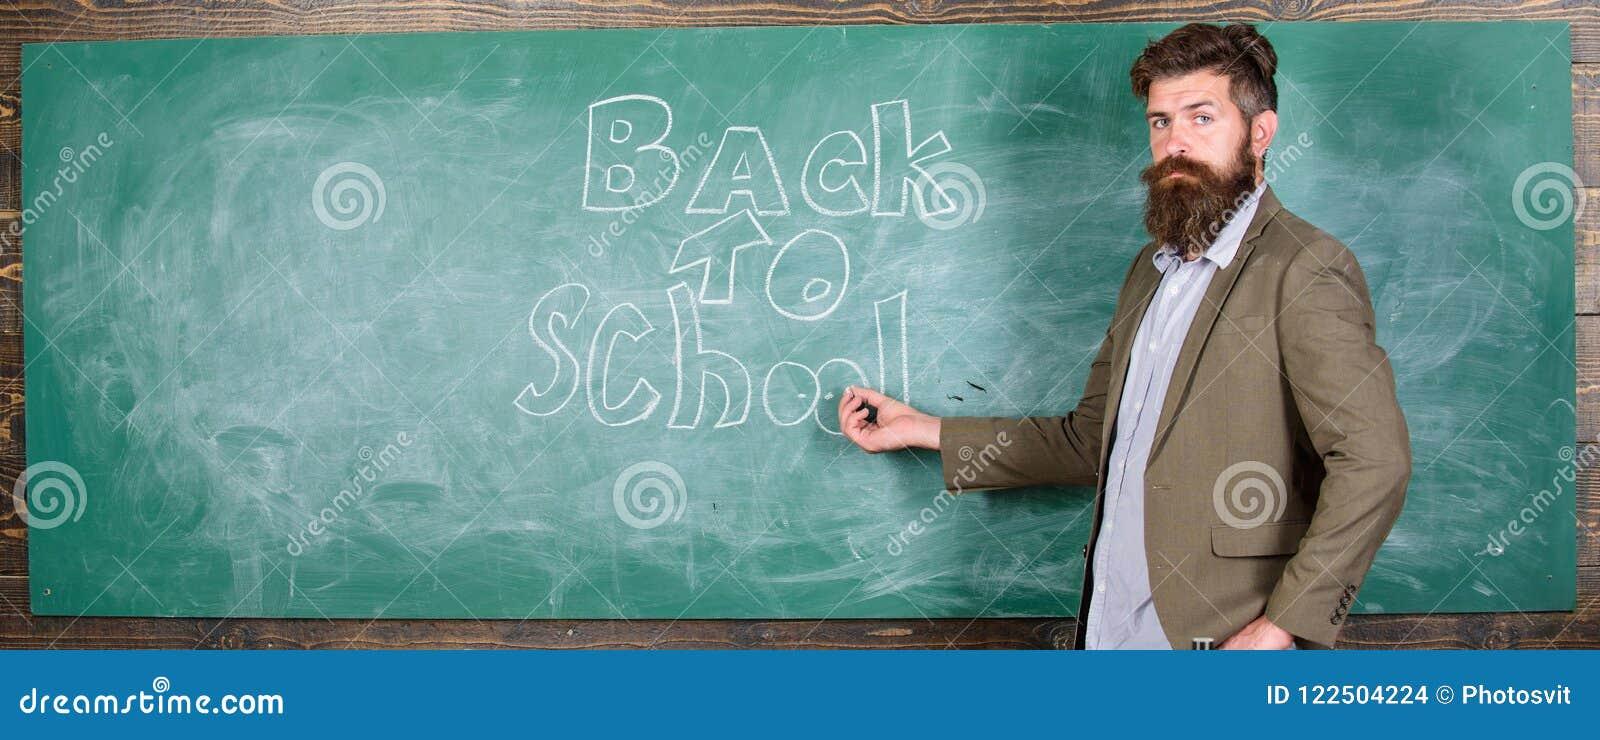 Εμπαθείς σπουδαστές προσιτότητας δυνατότητας εργασίας δασκάλων έξω Ο γενειοφόρος δάσκαλος ατόμων έχασε την εργασία του κατά τη δι